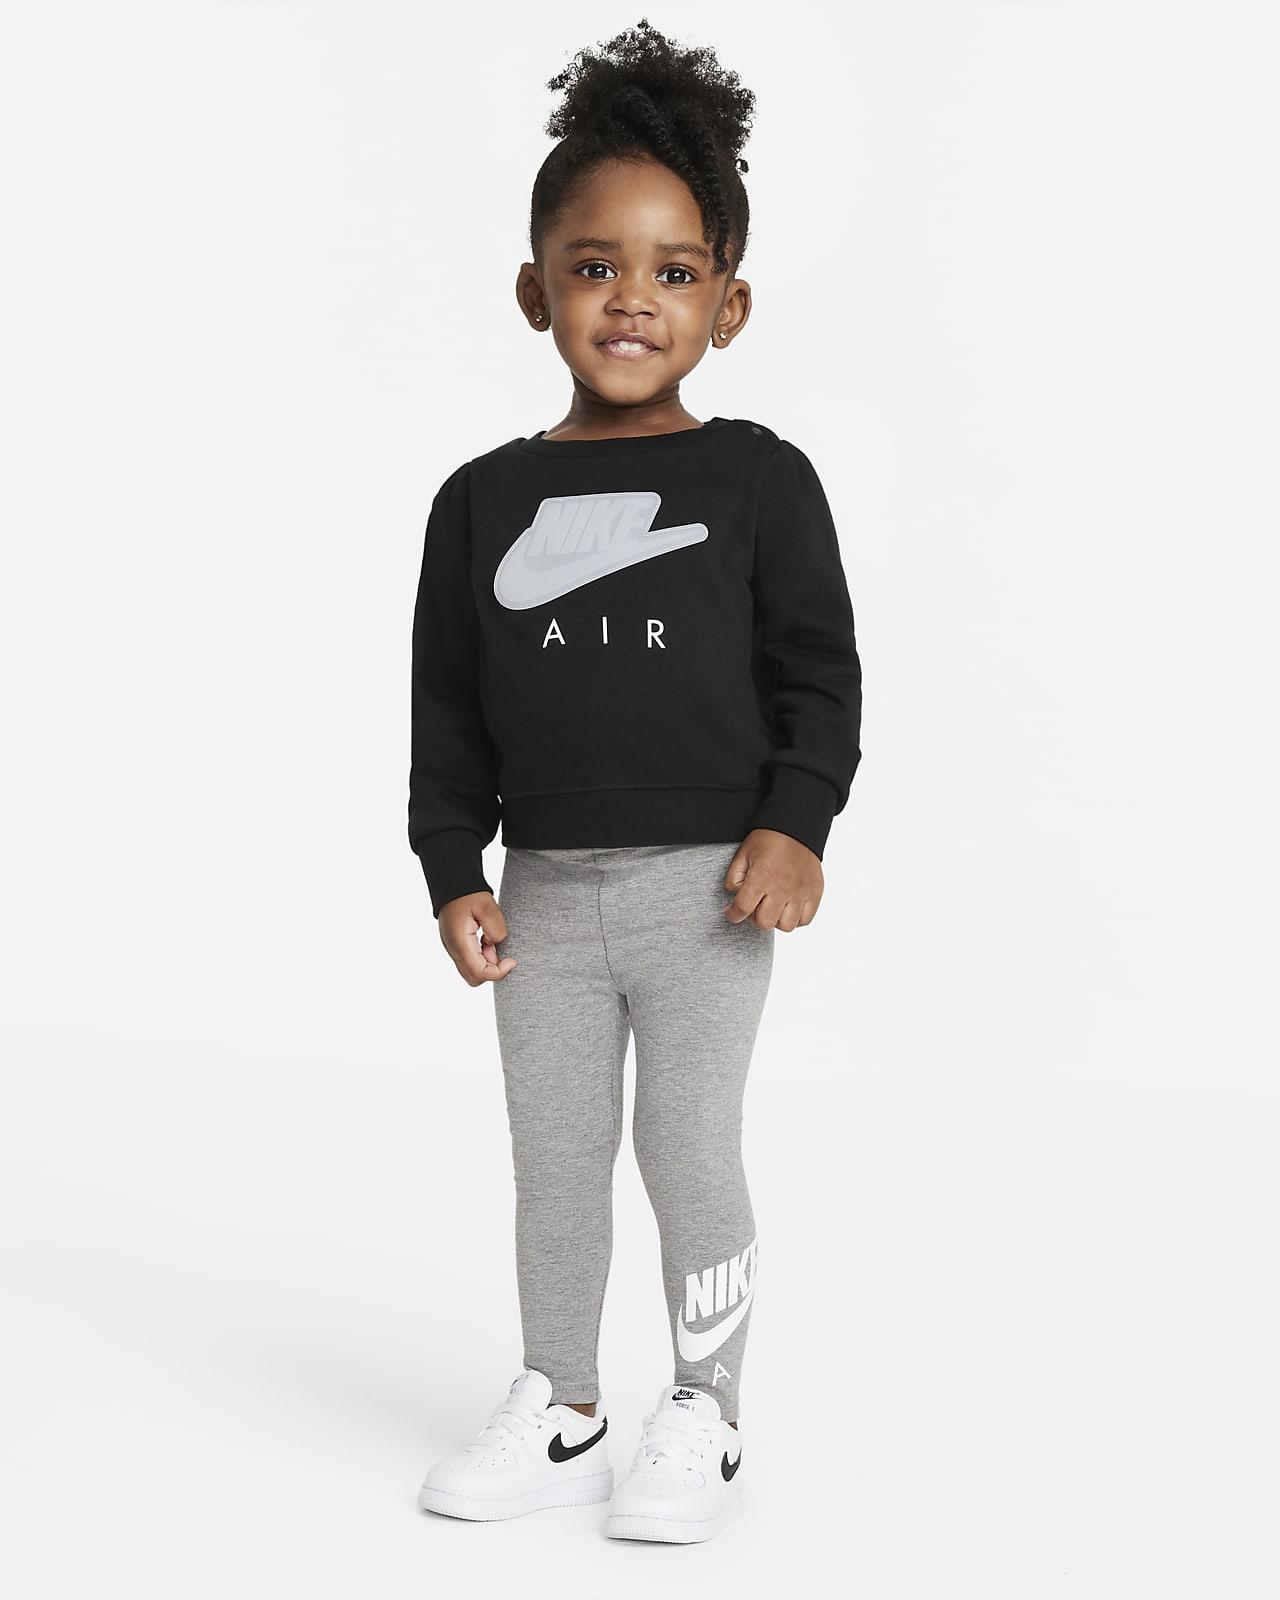 Ensemble haut et legging Nike Air pour Bébé (12 - 24 mois)